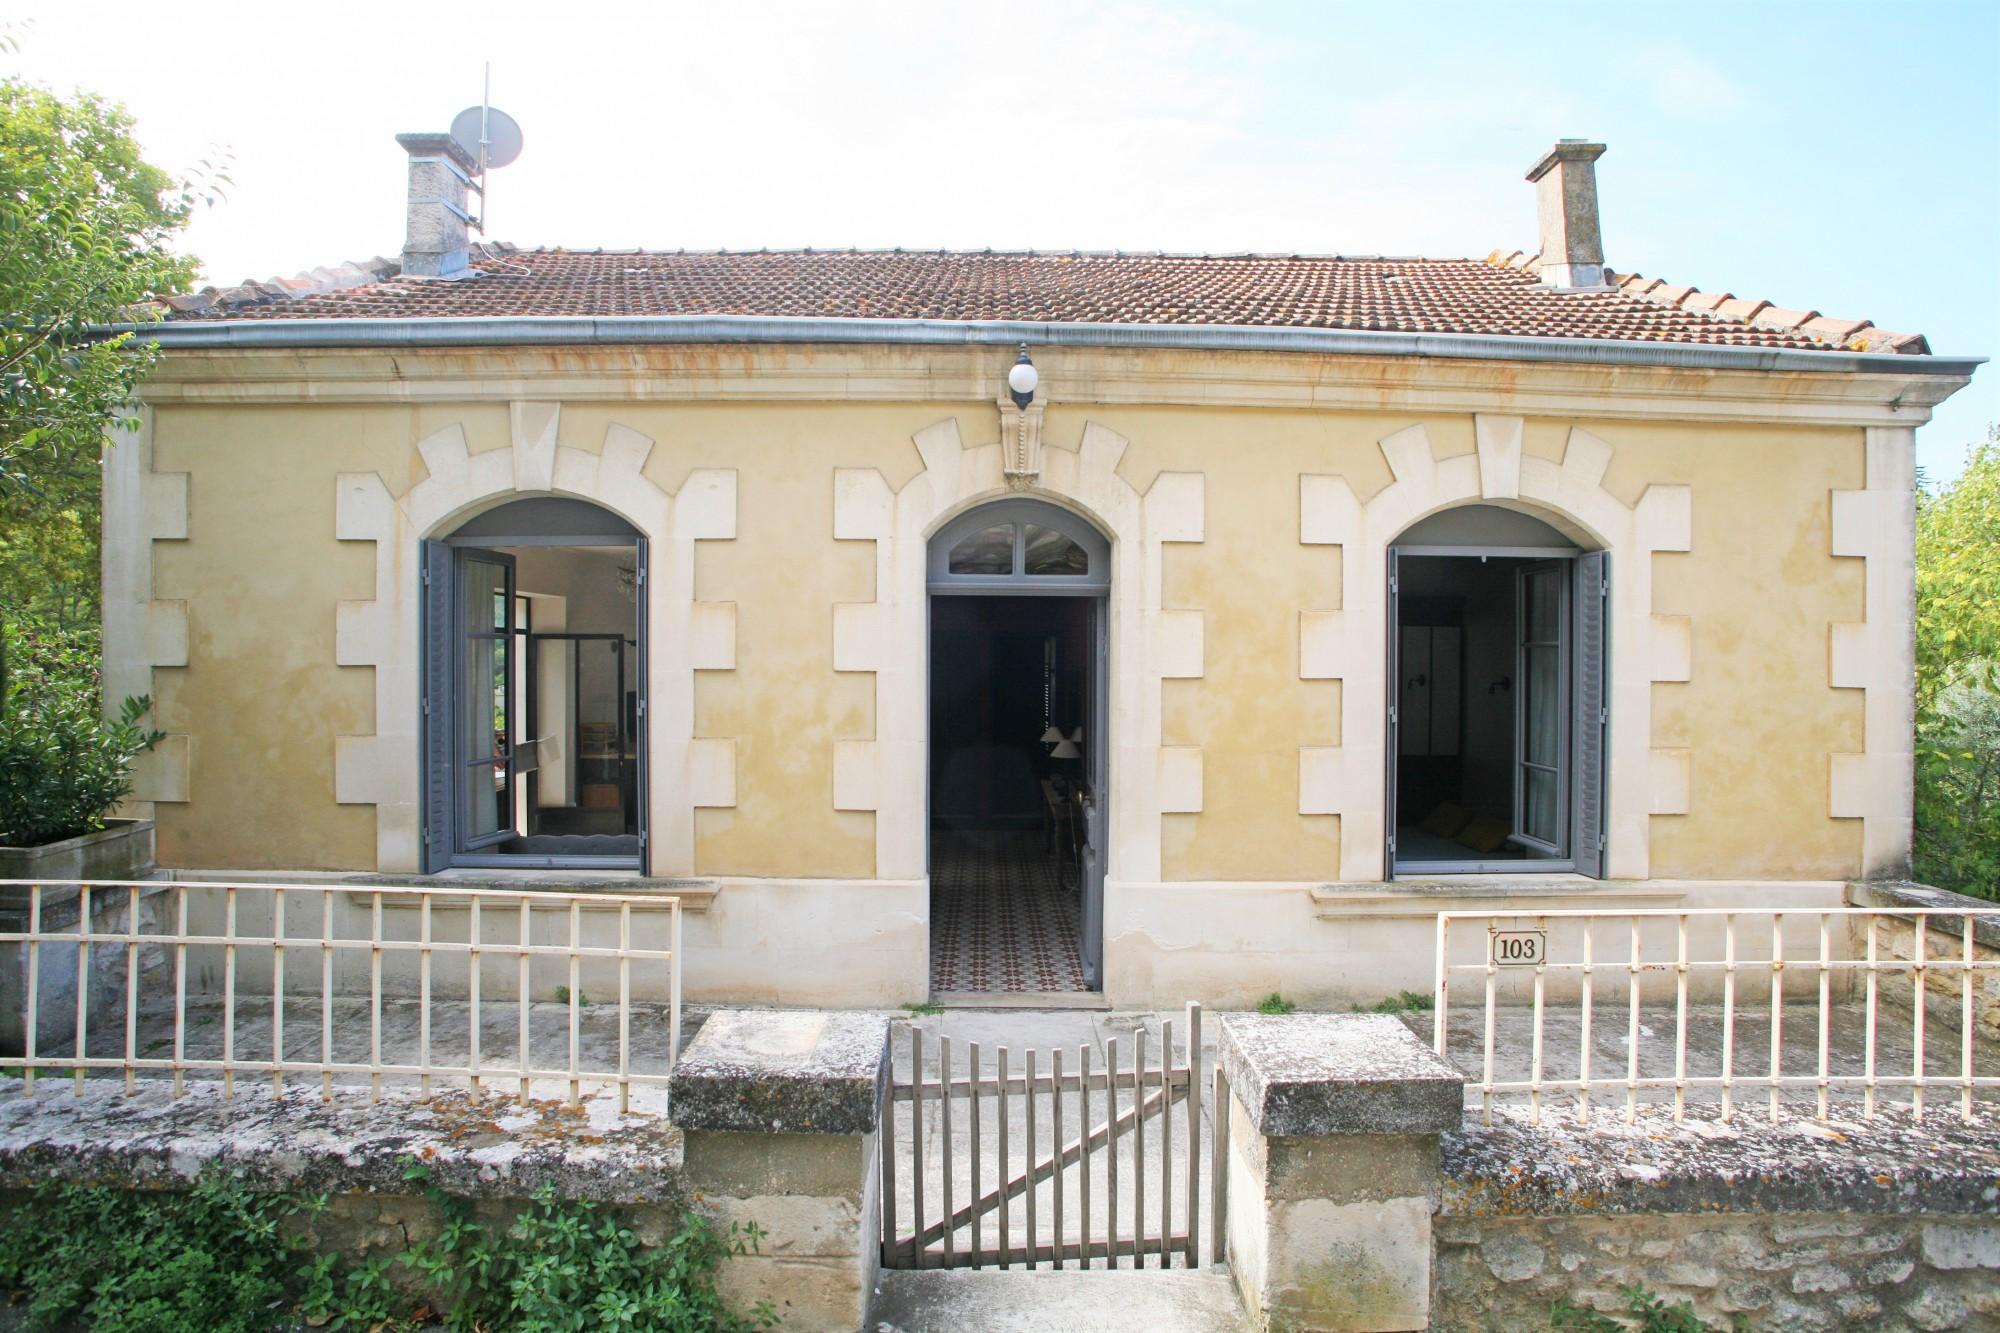 Ventes tr s belle maison des ann es 30 avec jardin et vue dans le village de m nerbes agence - Maison des annees 30 ...